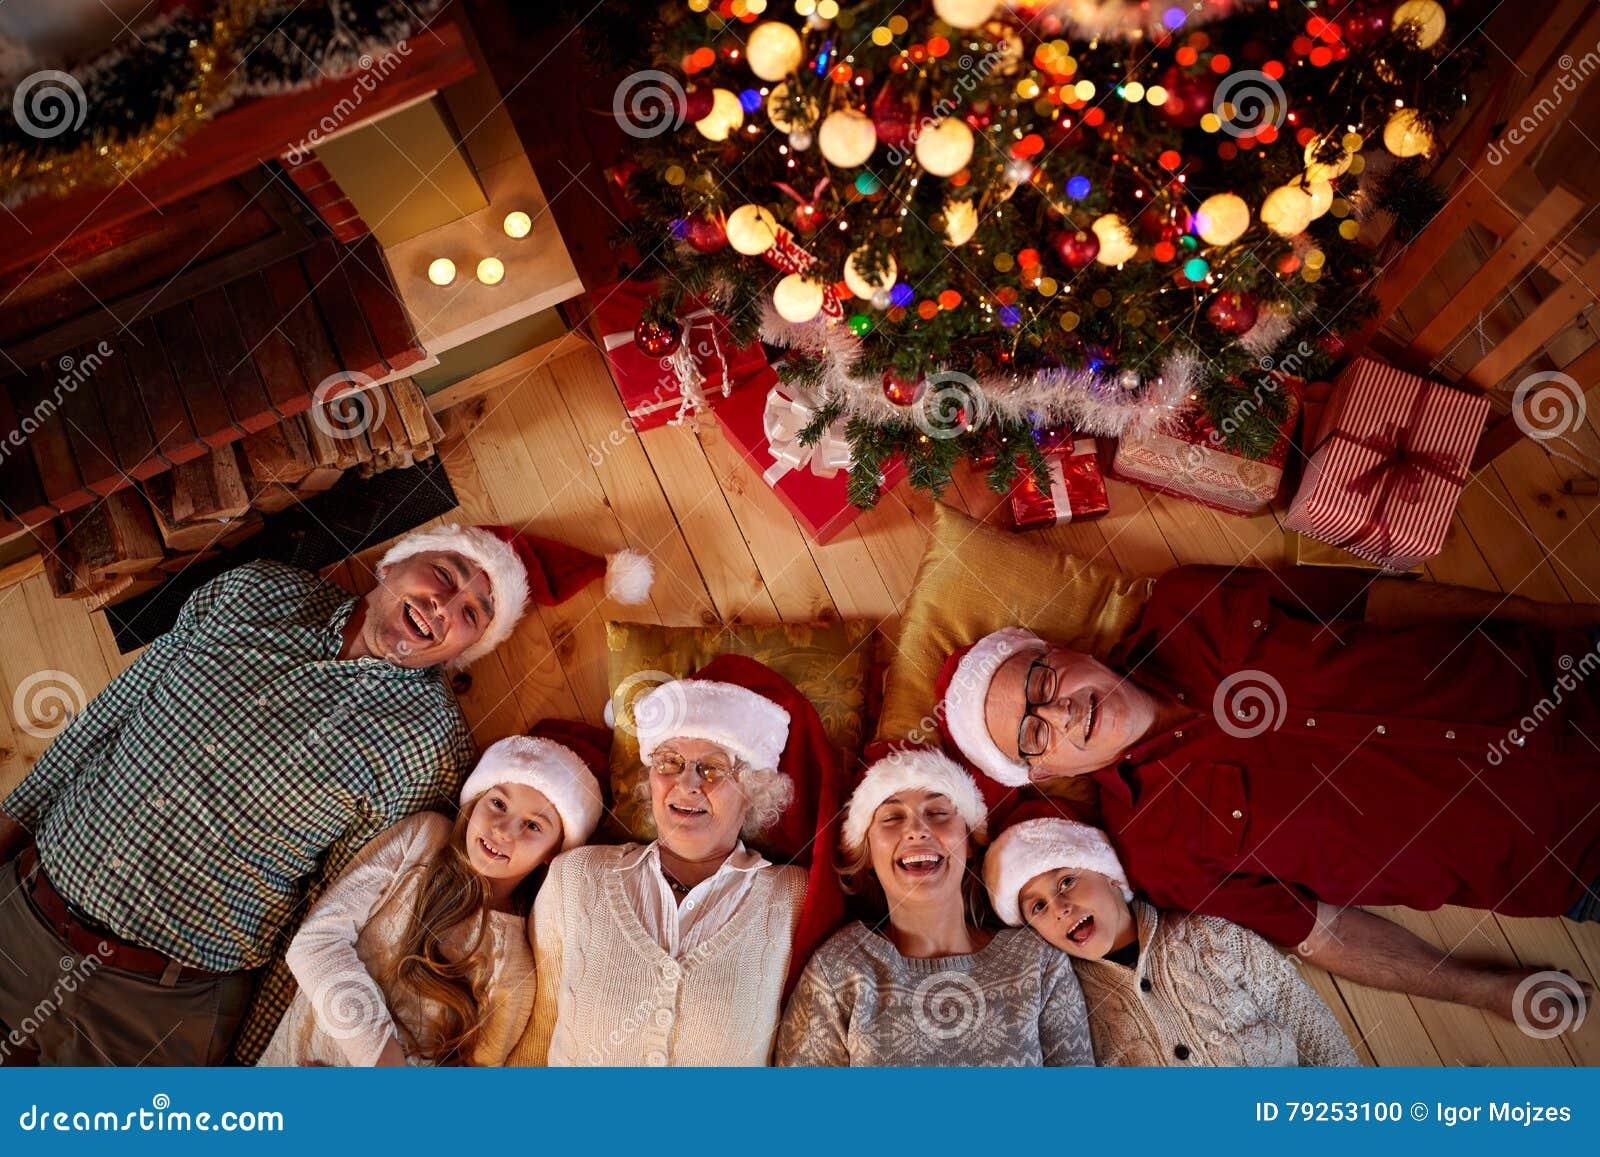 Jul tajmar spenderat med familjen